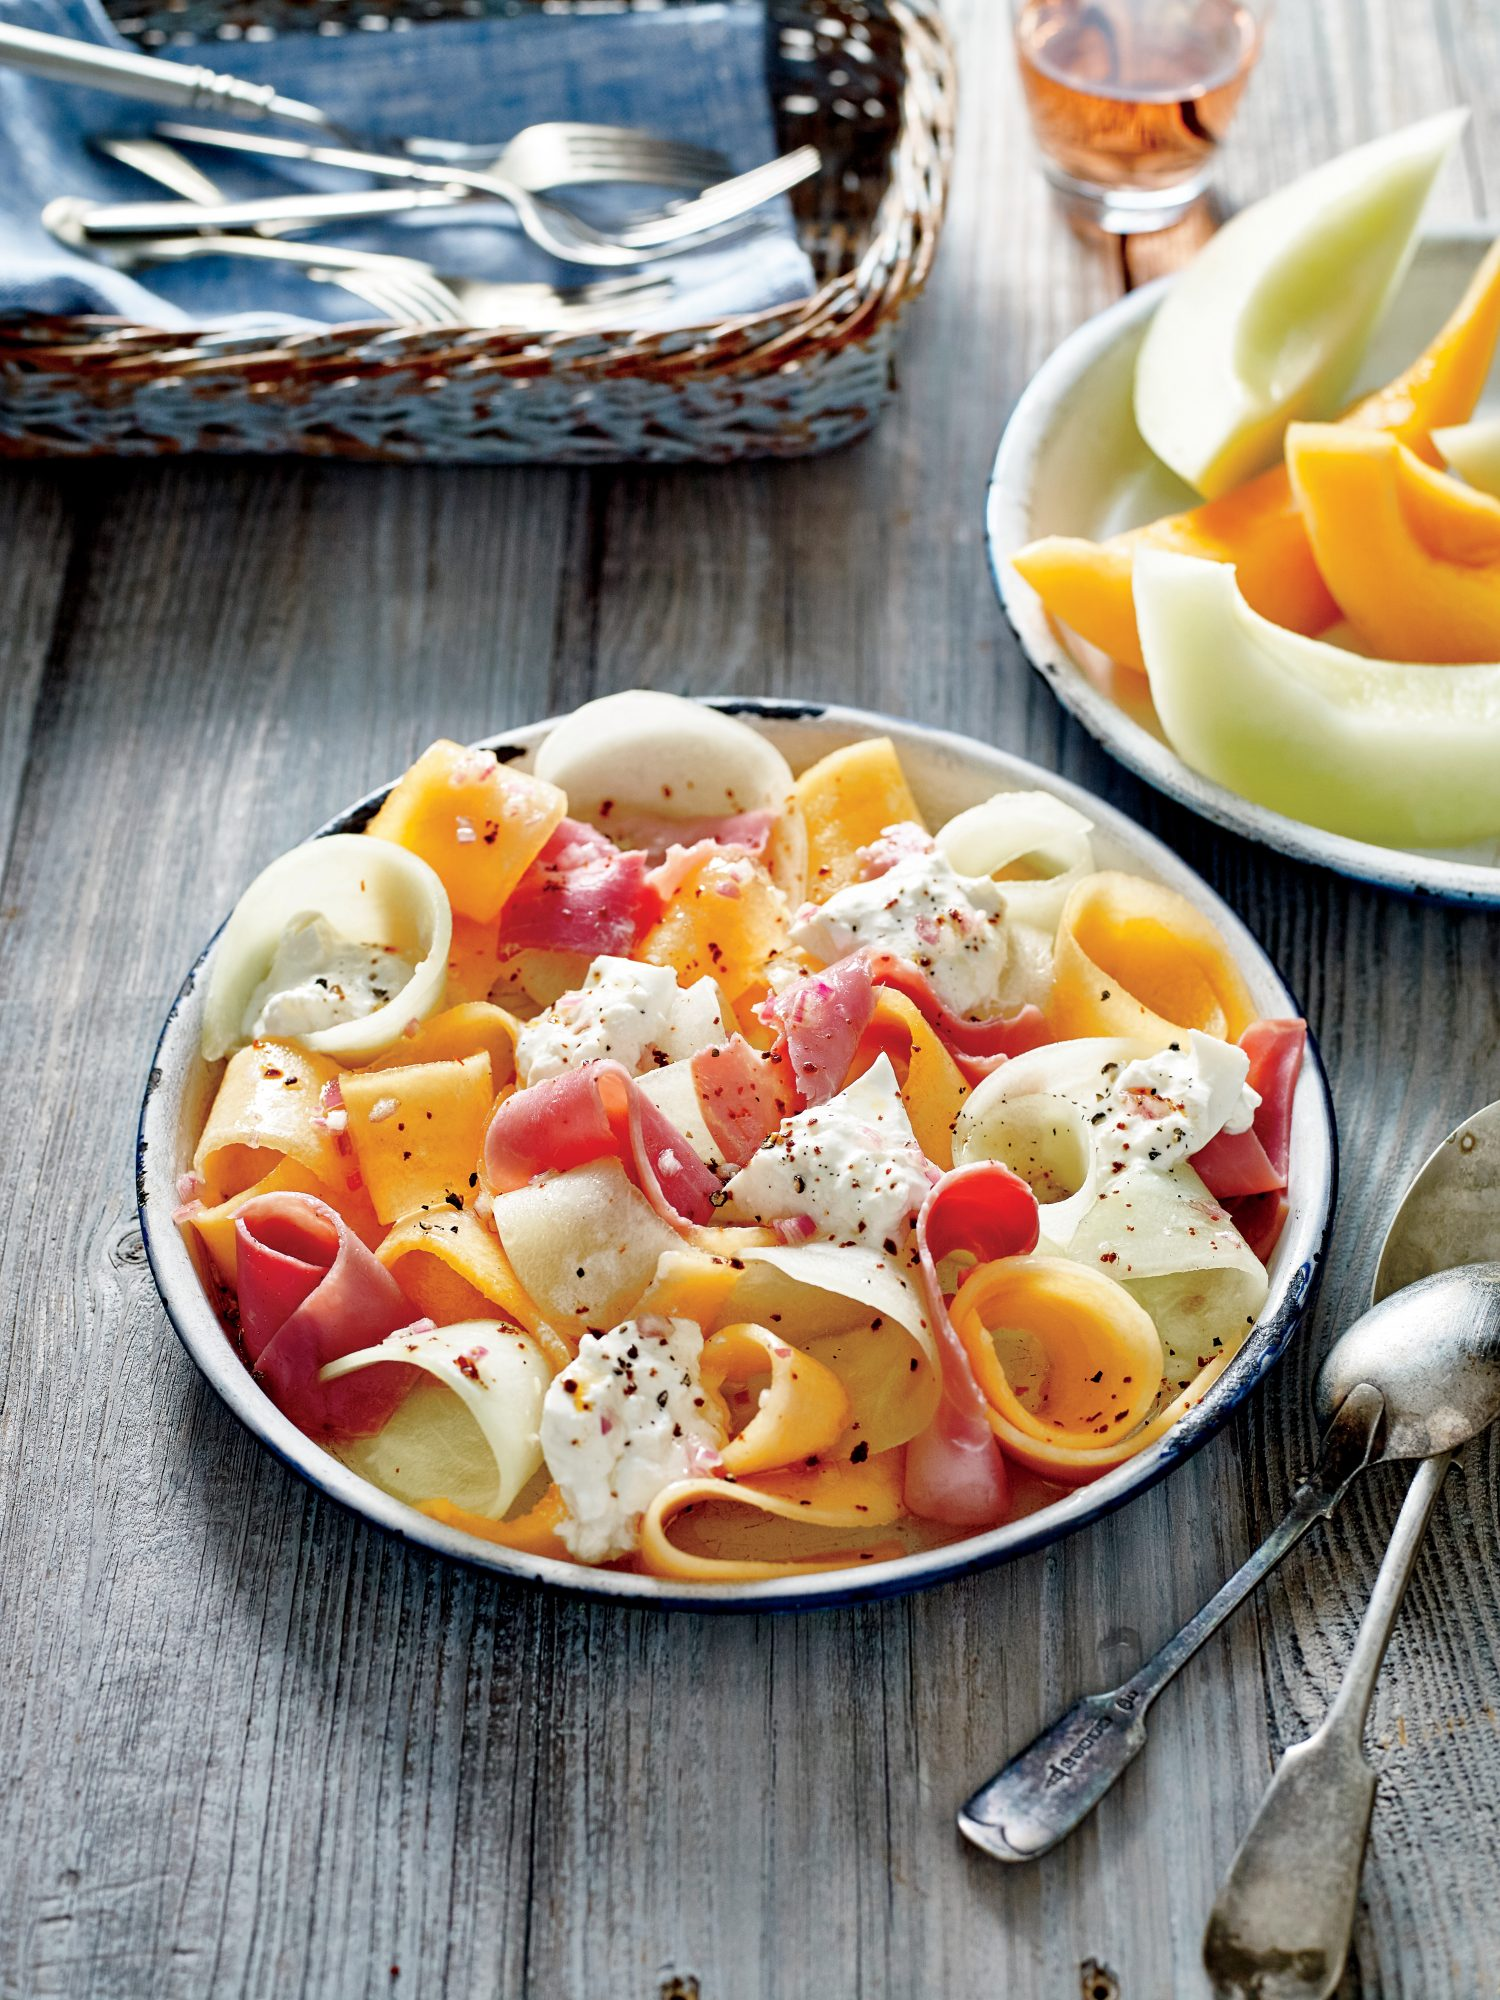 Summer Melon Amp Ham Salad With Burrata Amp Chile Recipe